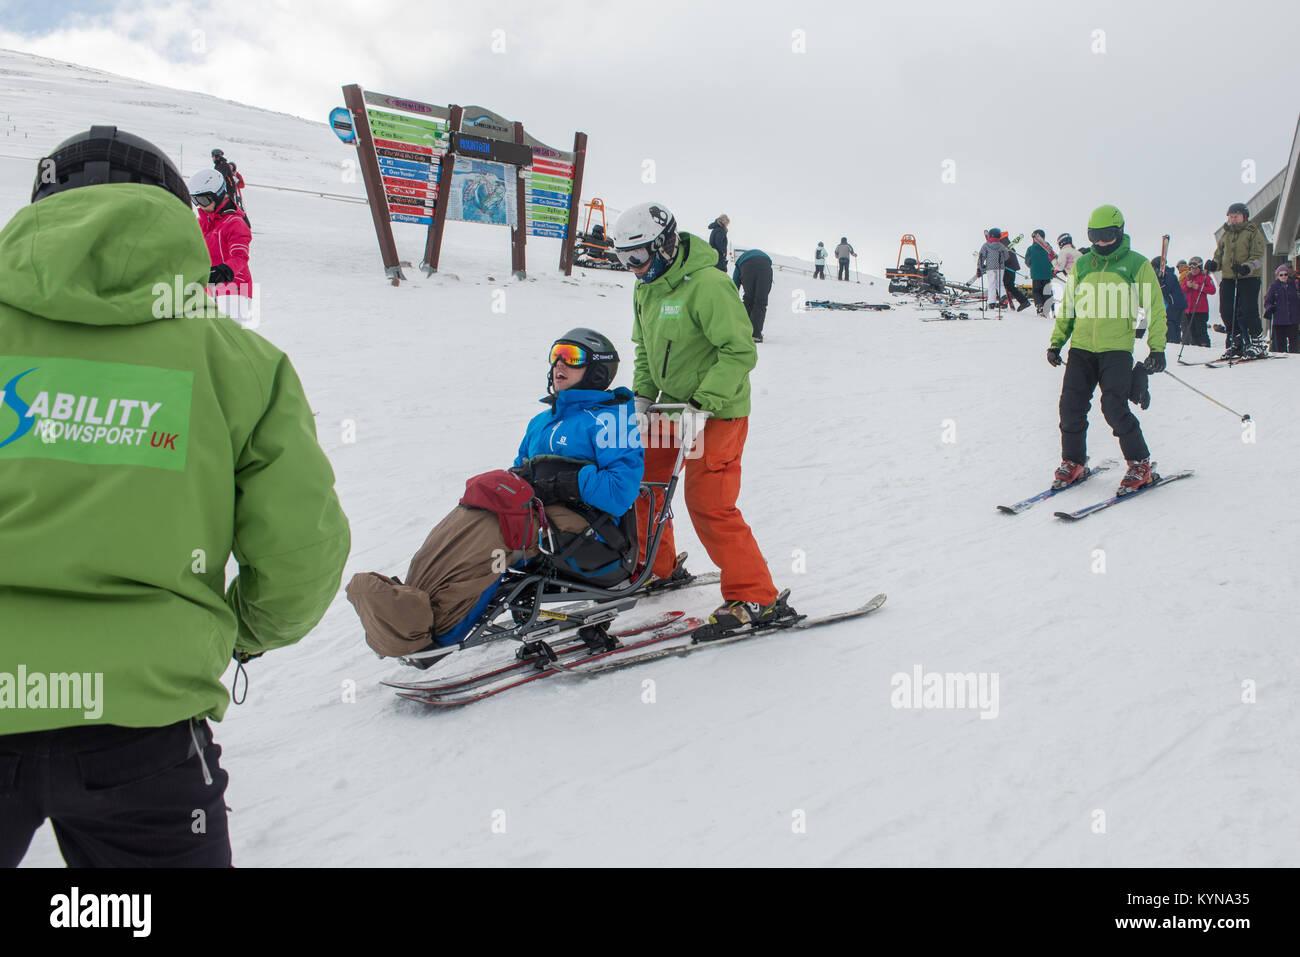 Disabilità nowsport tenendo la persona disabile sciare sul vertice di cairngorm mountain. Scozia Immagini Stock